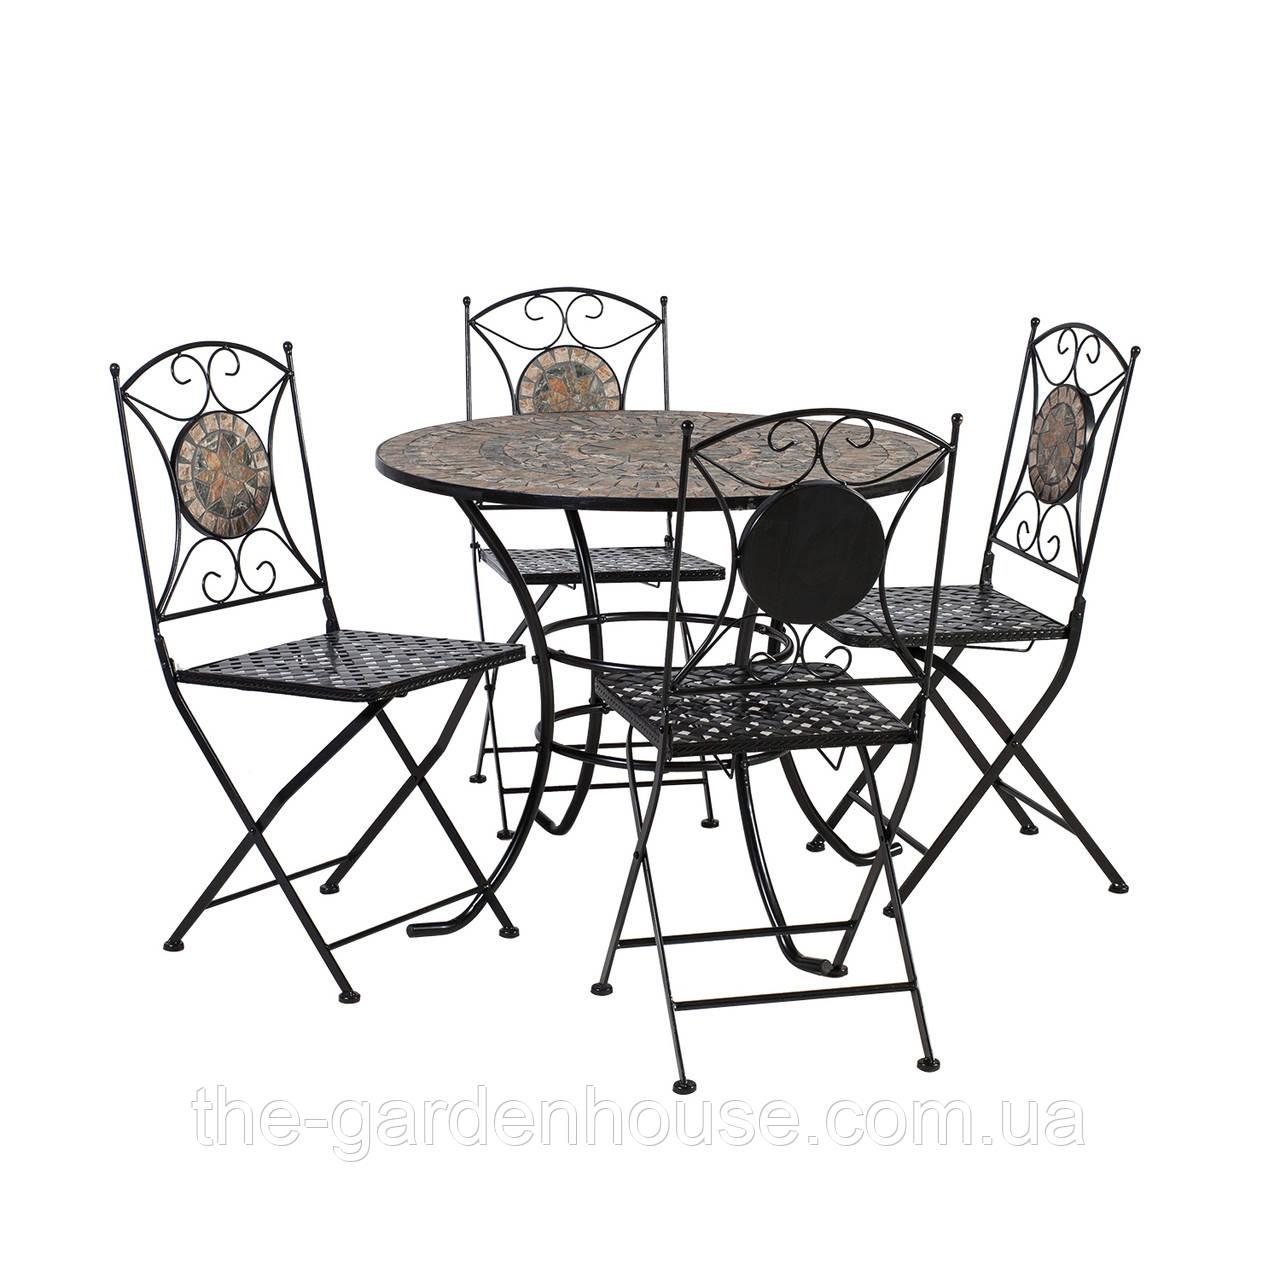 Набор садовой мебели: стол и 4 складных стула